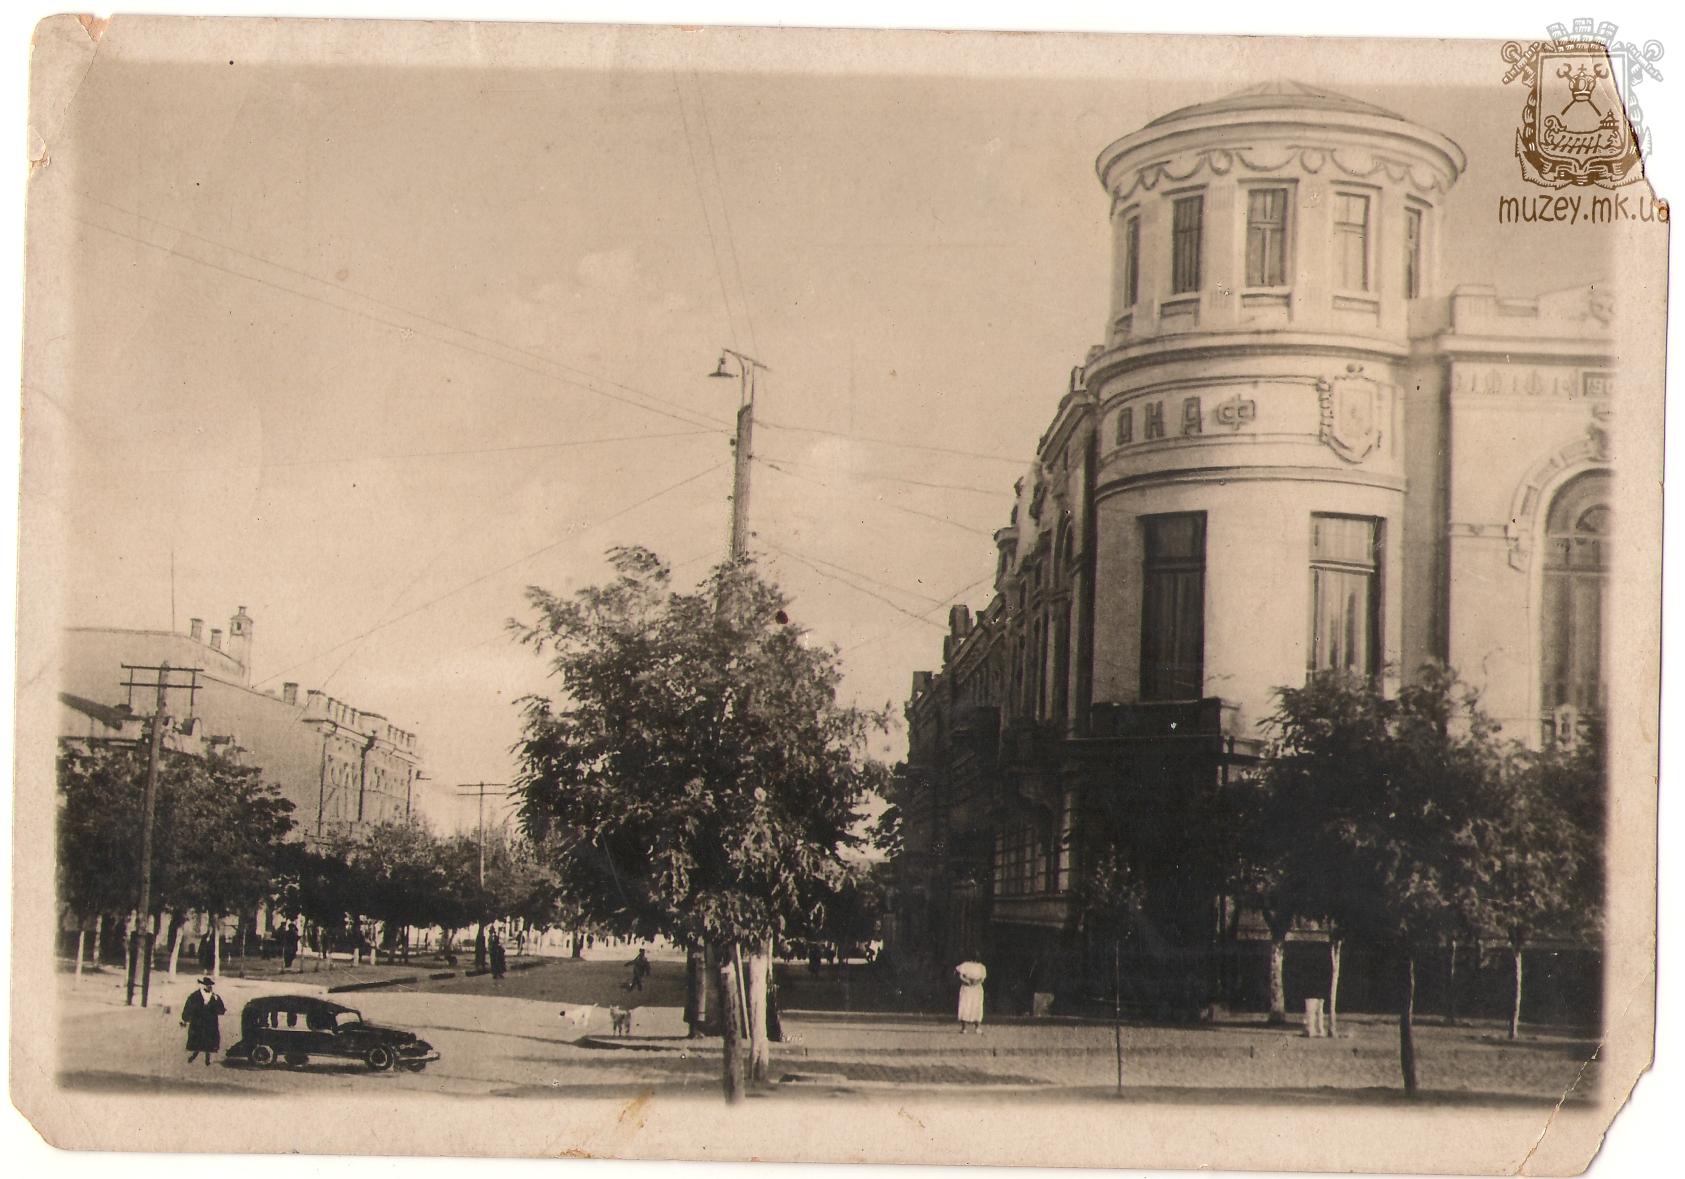 Дом Красной армии и флота